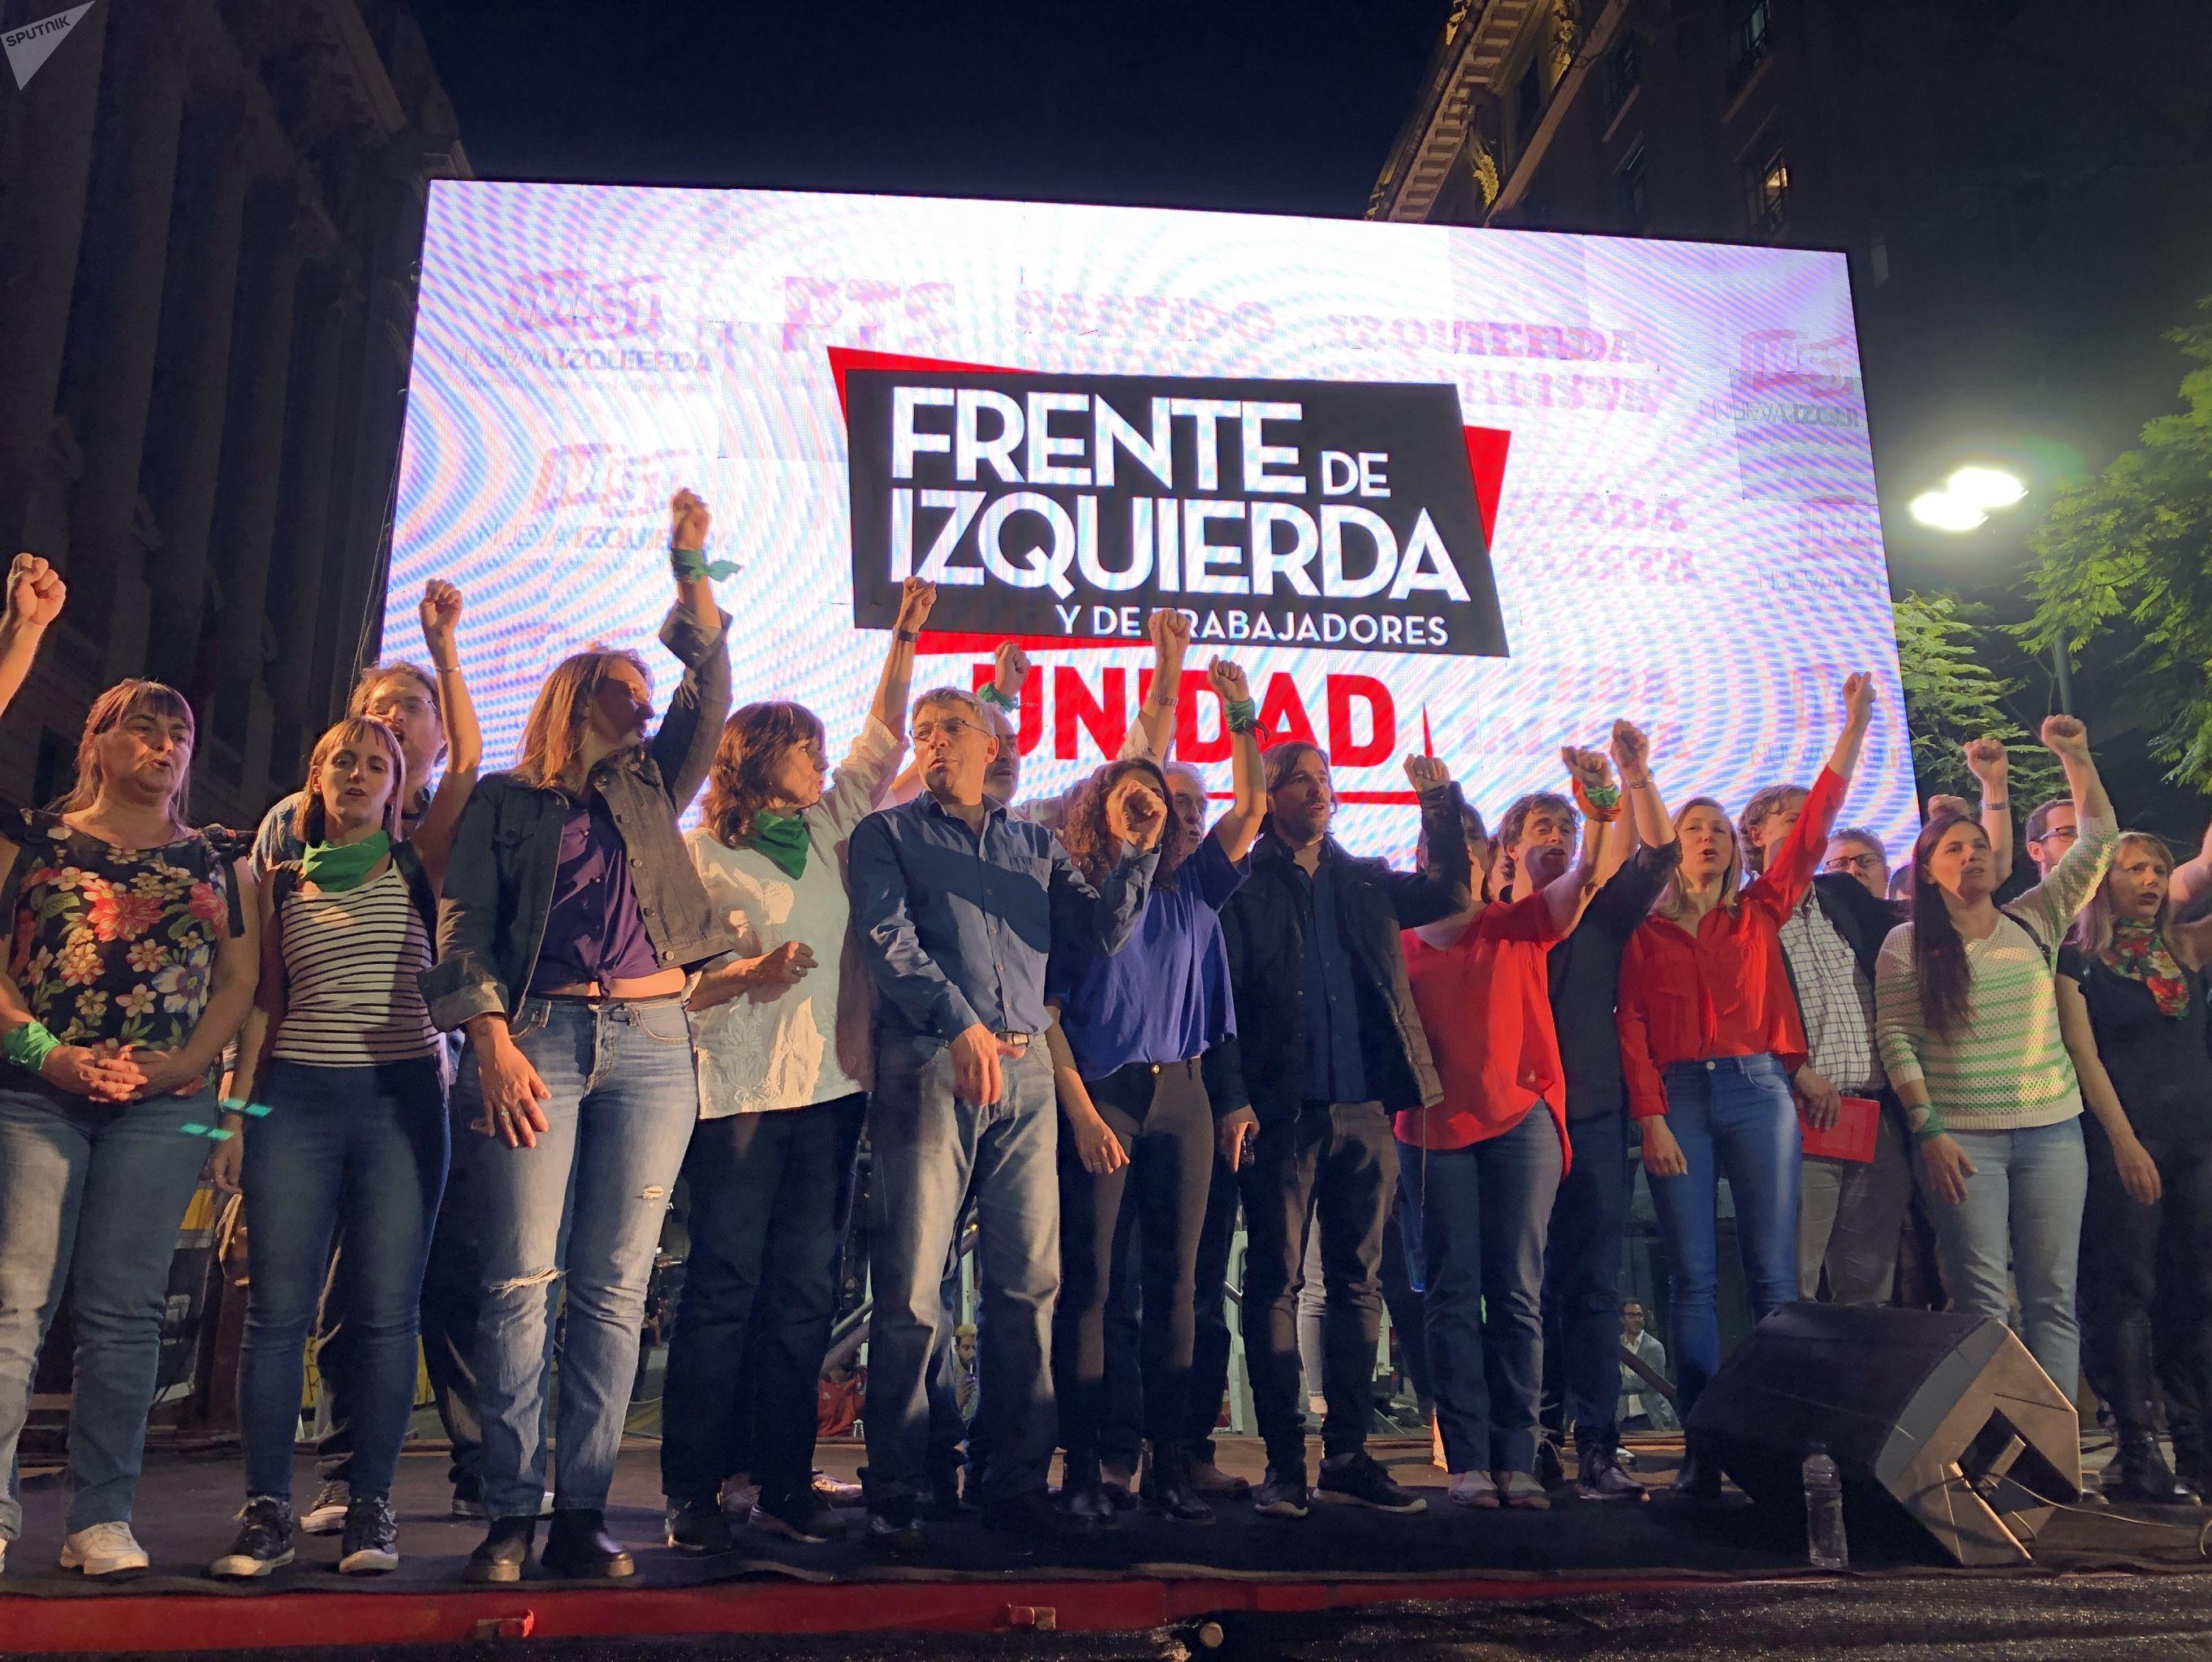 Frente de Izquierda y de los Trabajadores de Argentina